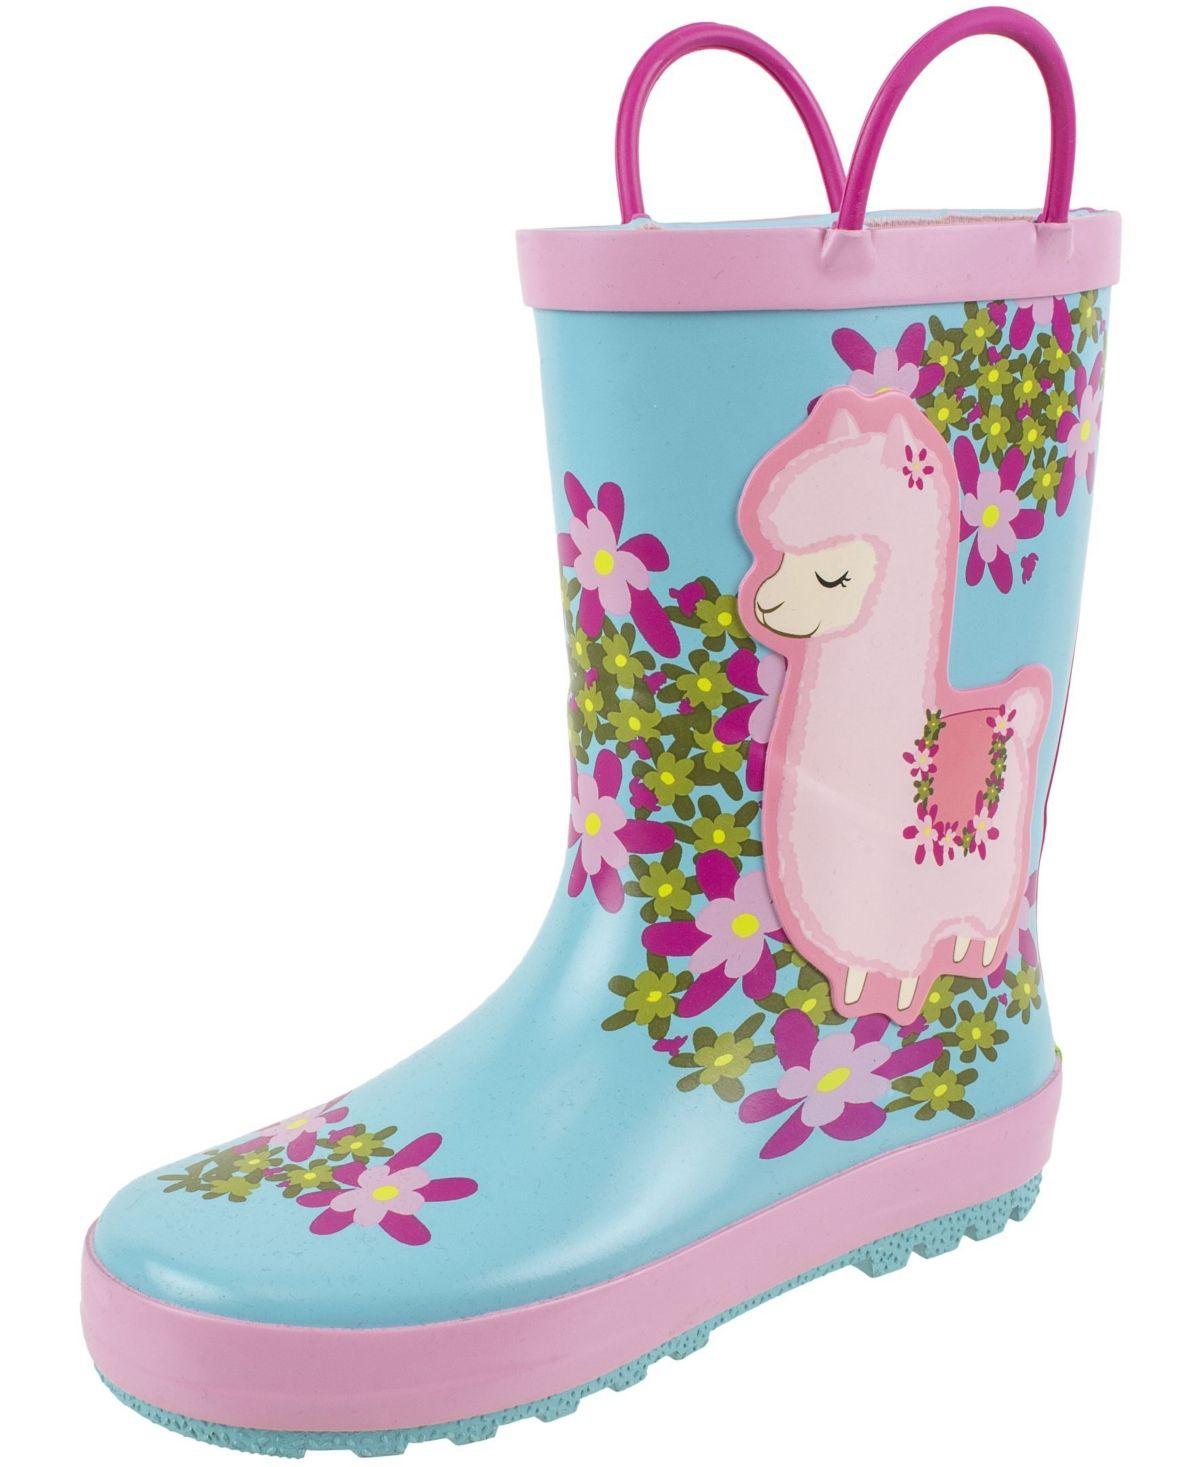 Girls rain boots, Toddler rain boots